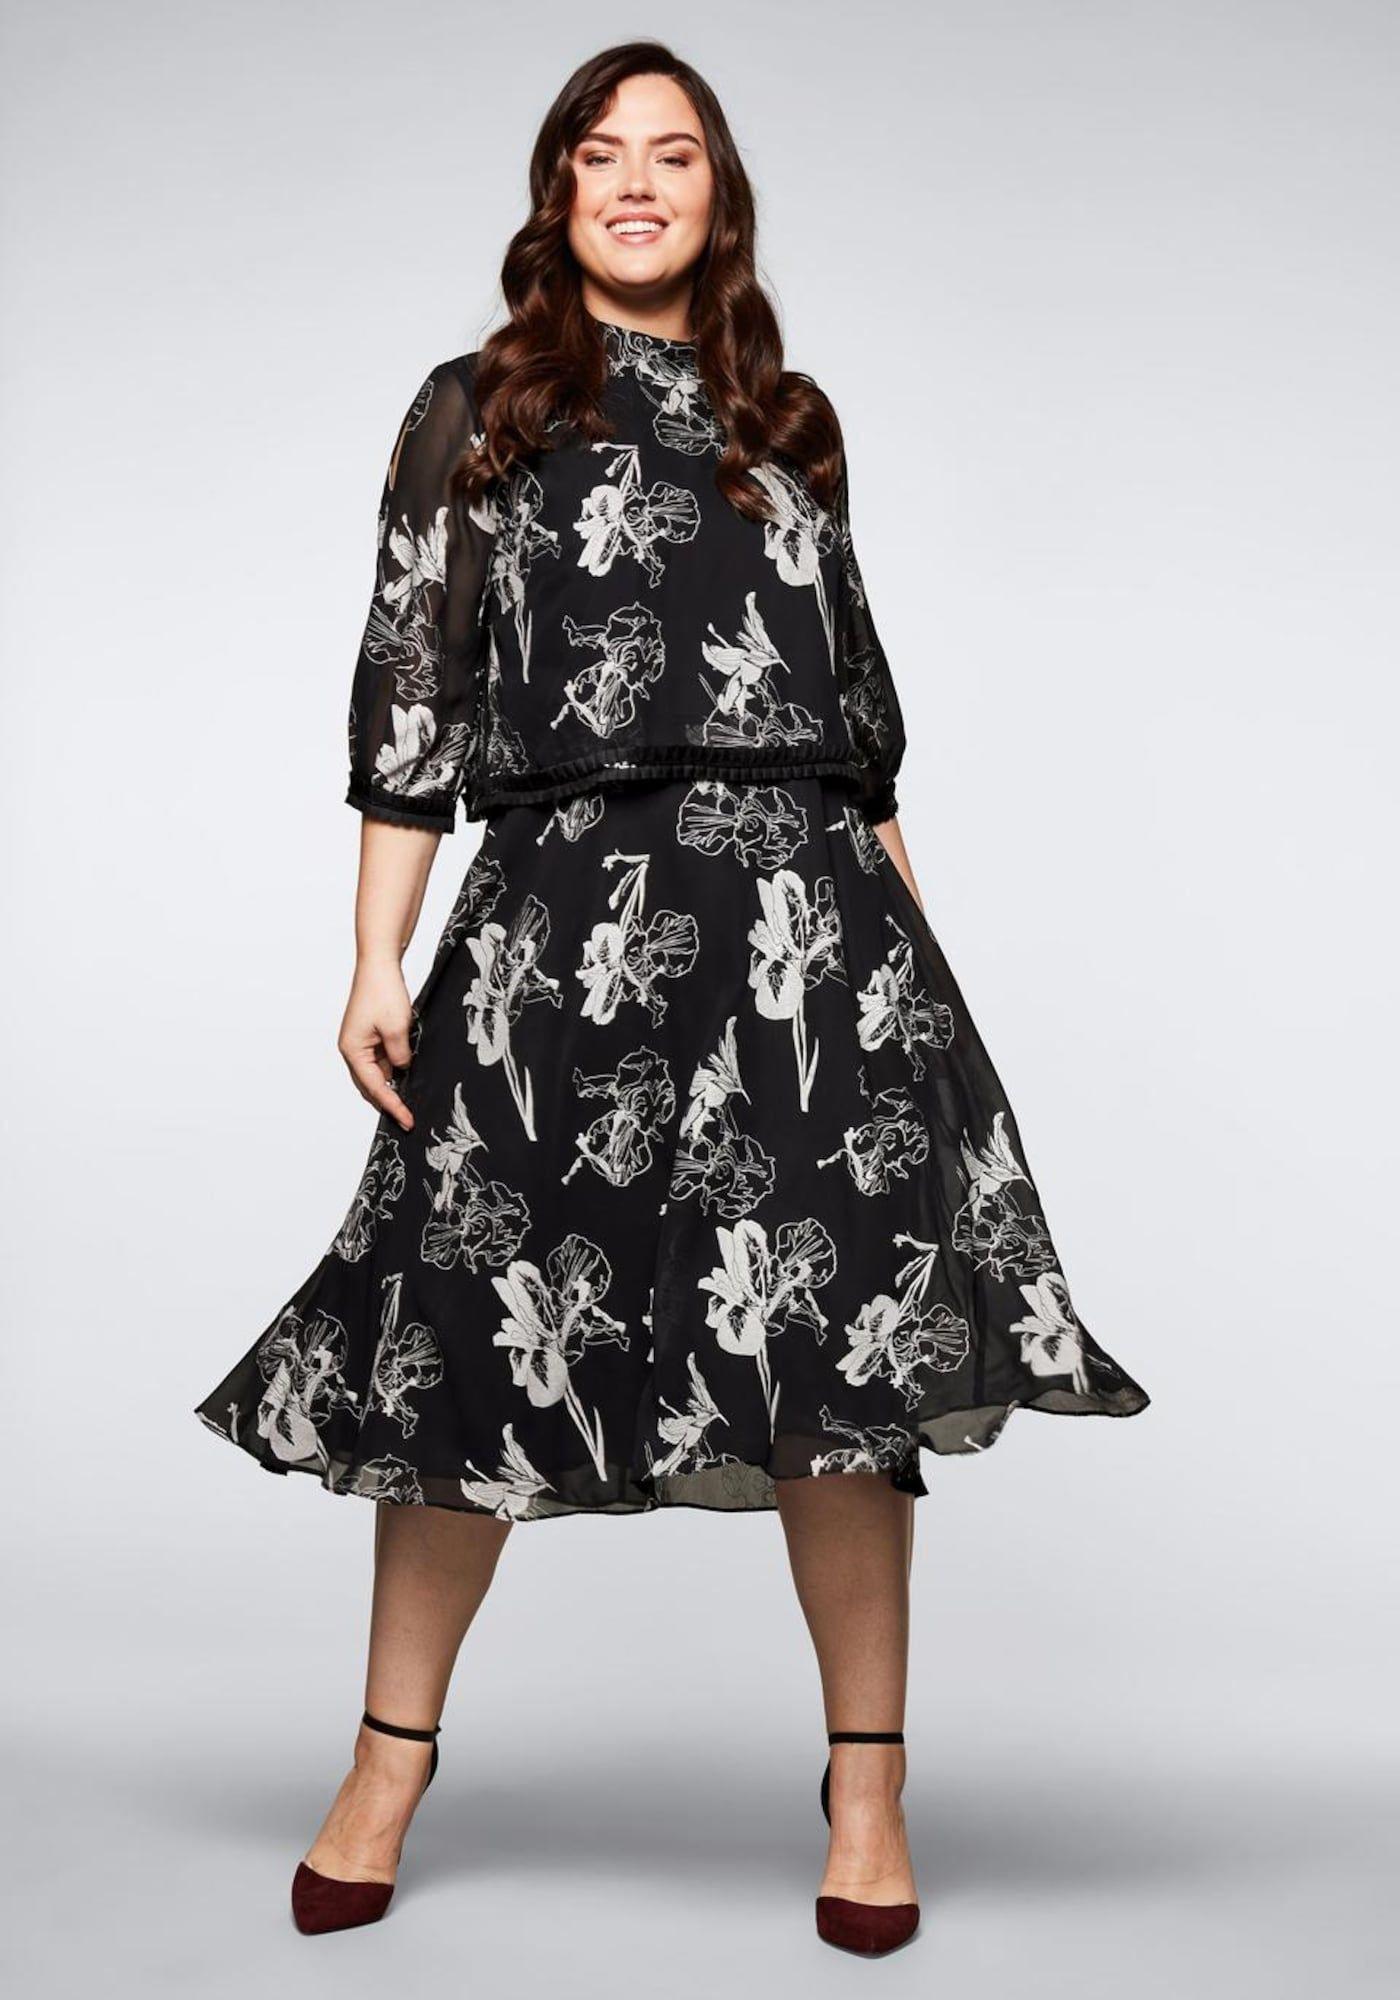 Designer Erstaunlich Abendkleider Größe 50 Bester PreisFormal Großartig Abendkleider Größe 50 Vertrieb